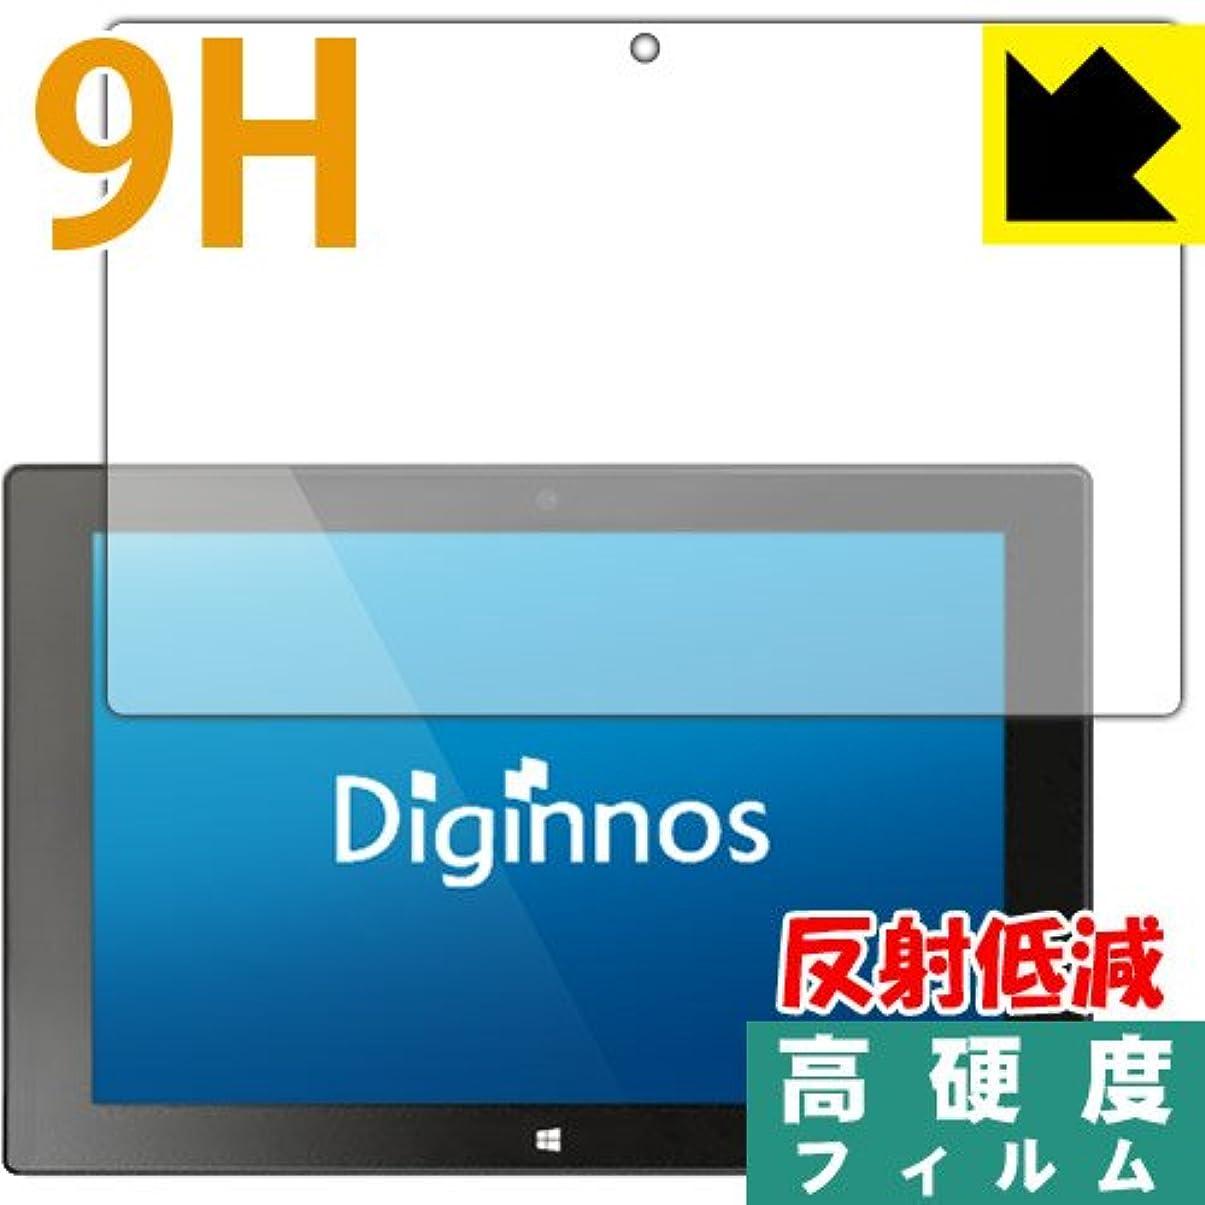 フィード指前投薬PET製フィルムなのに強化ガラス同等の硬度 9H高硬度[反射低減]保護フィルム Diginnos DG-D09IW2シリーズ 日本製